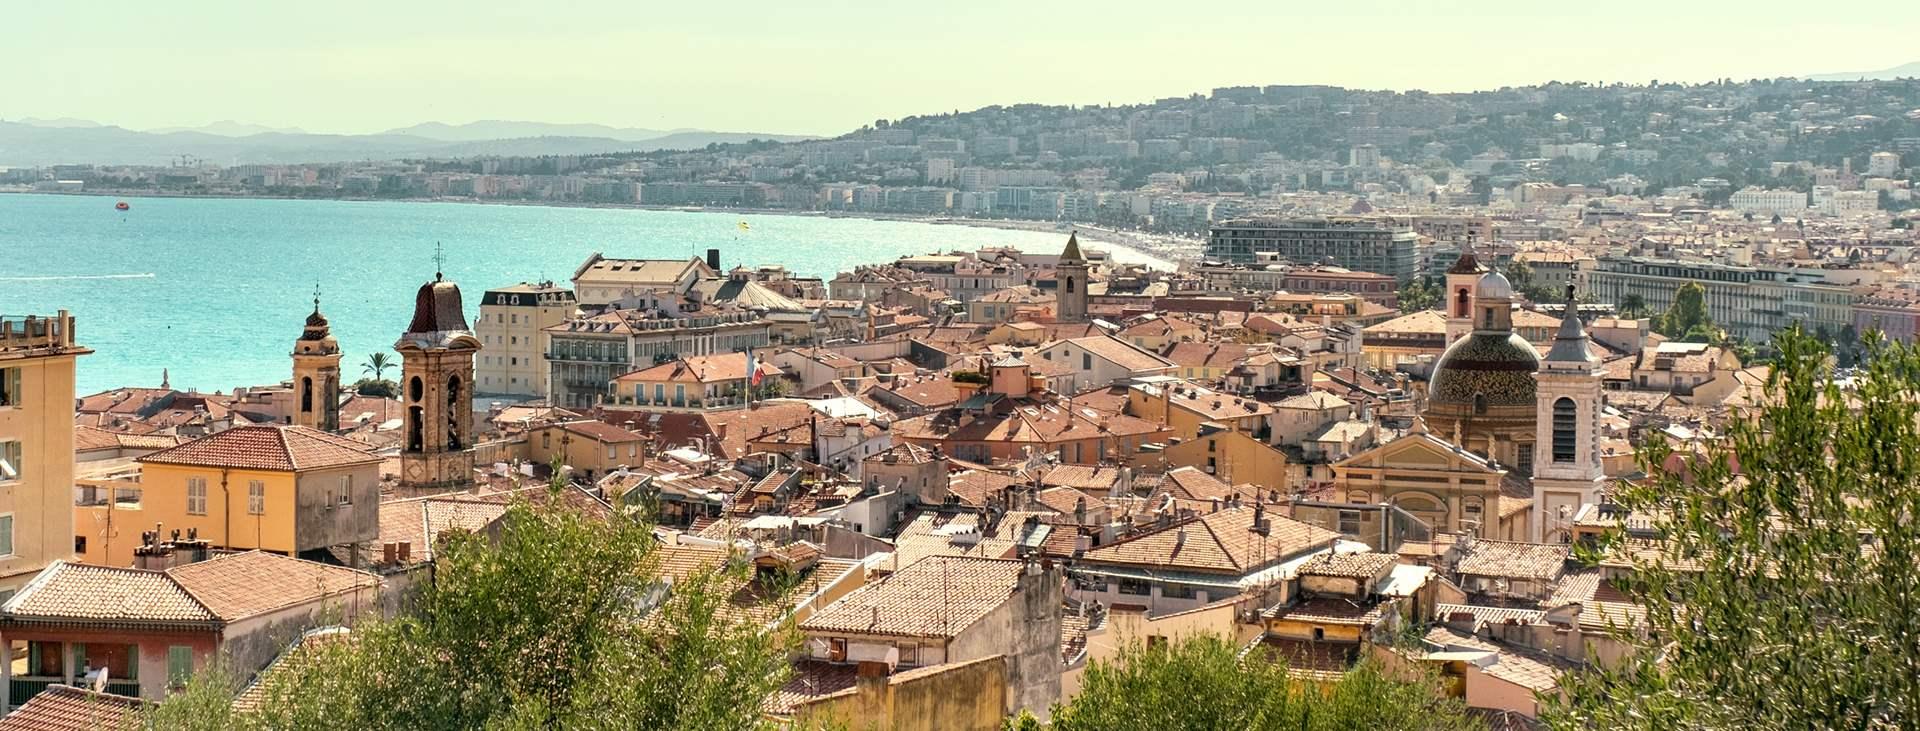 Matkoja Nizzaan, Ranskan Rivieralle